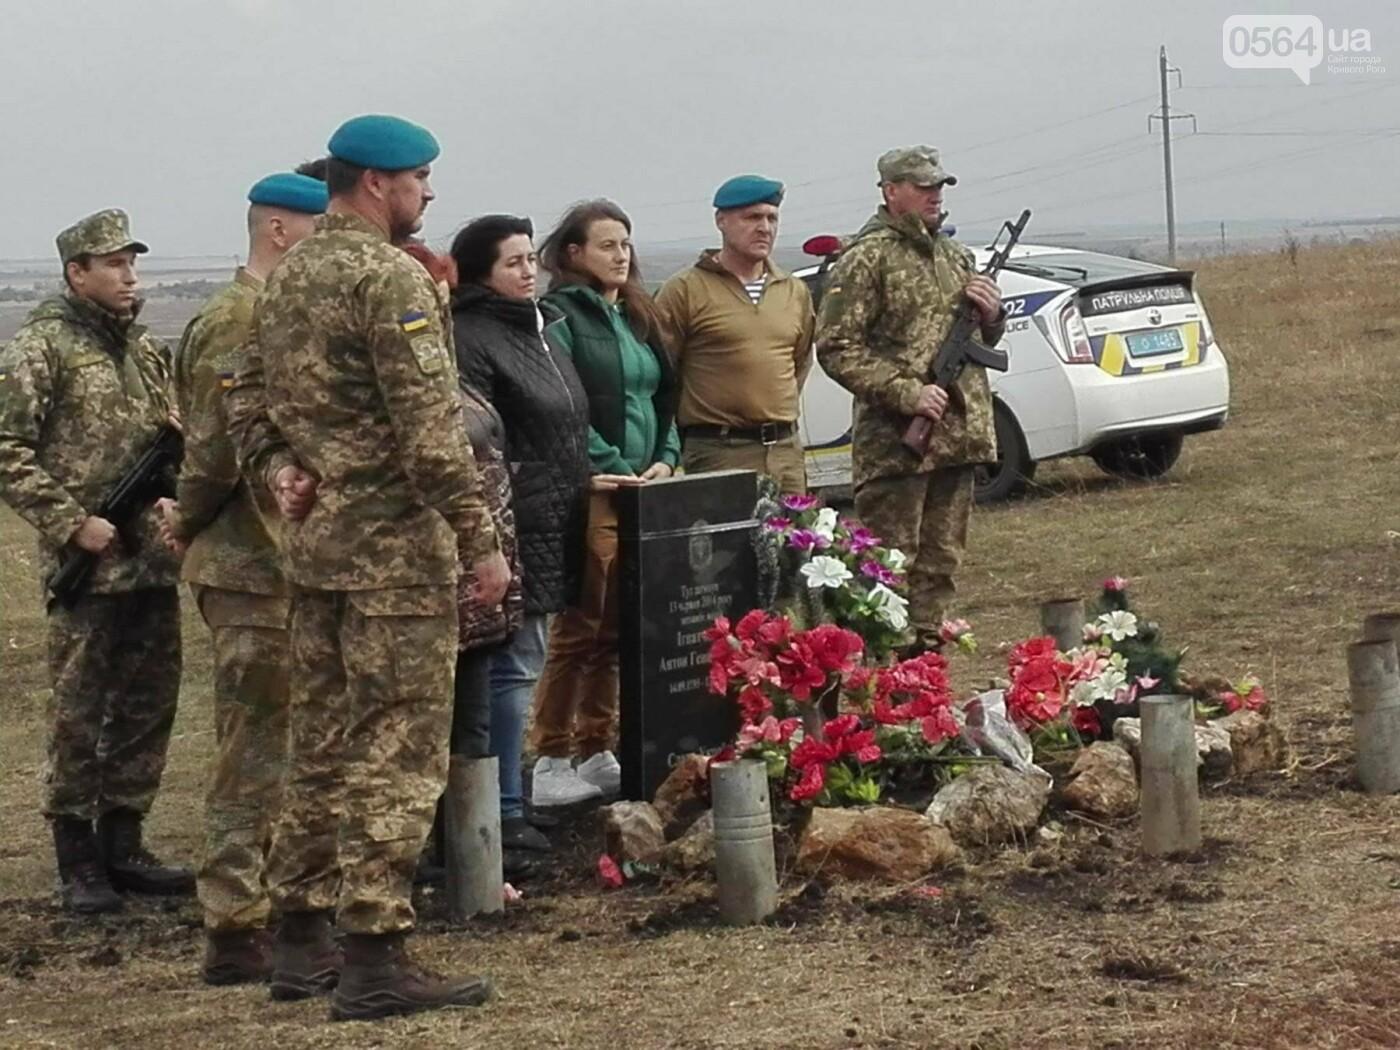 В Славянске открыли памятник 18-летнему криворожанину, спасшему ценой своей жизни боевых товарищей (ФОТО), фото-3